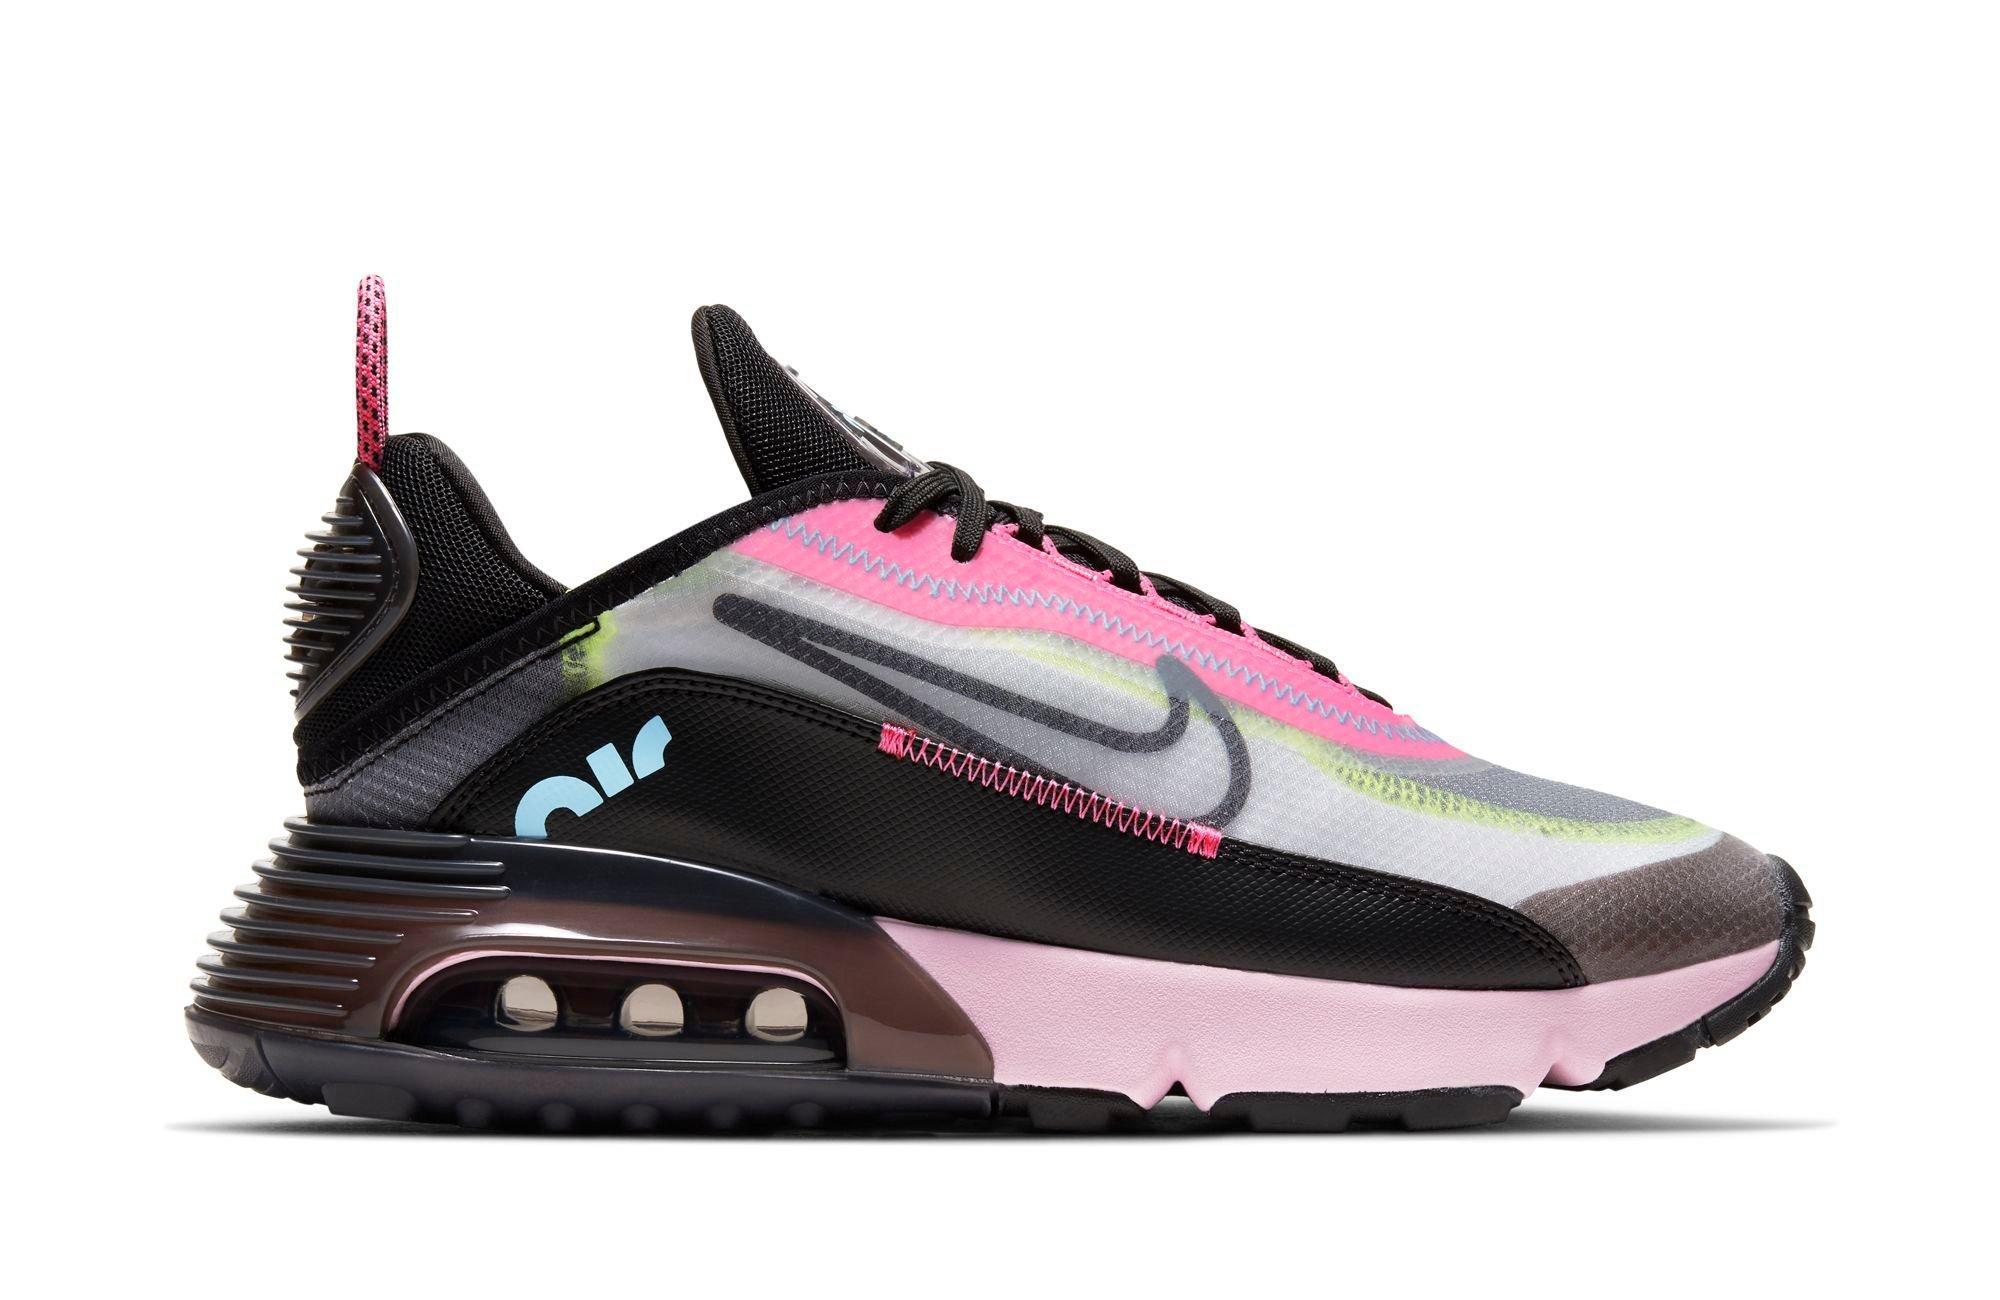 Nike AIR MAX 2090 WOMENS White/Black/Pink Foam/Lotus Pink